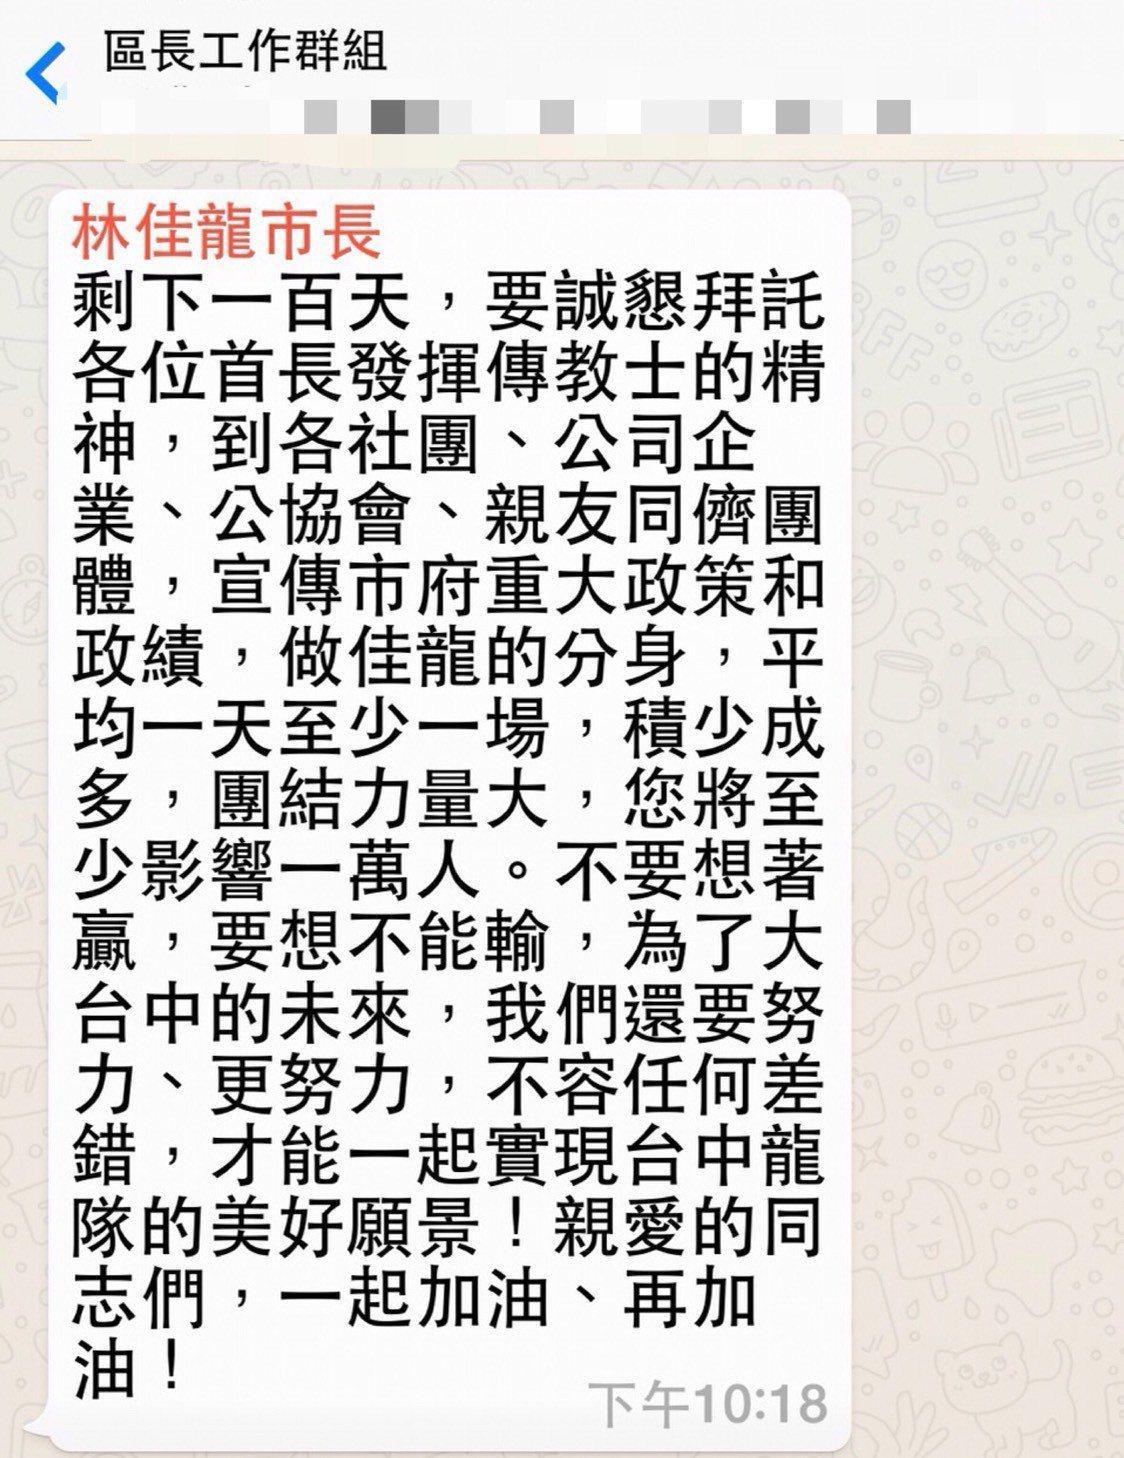 國民黨議員爆料,台中市長林佳龍在「區長工作群組」中,要求各區區長幫忙拉票。圖/藍...